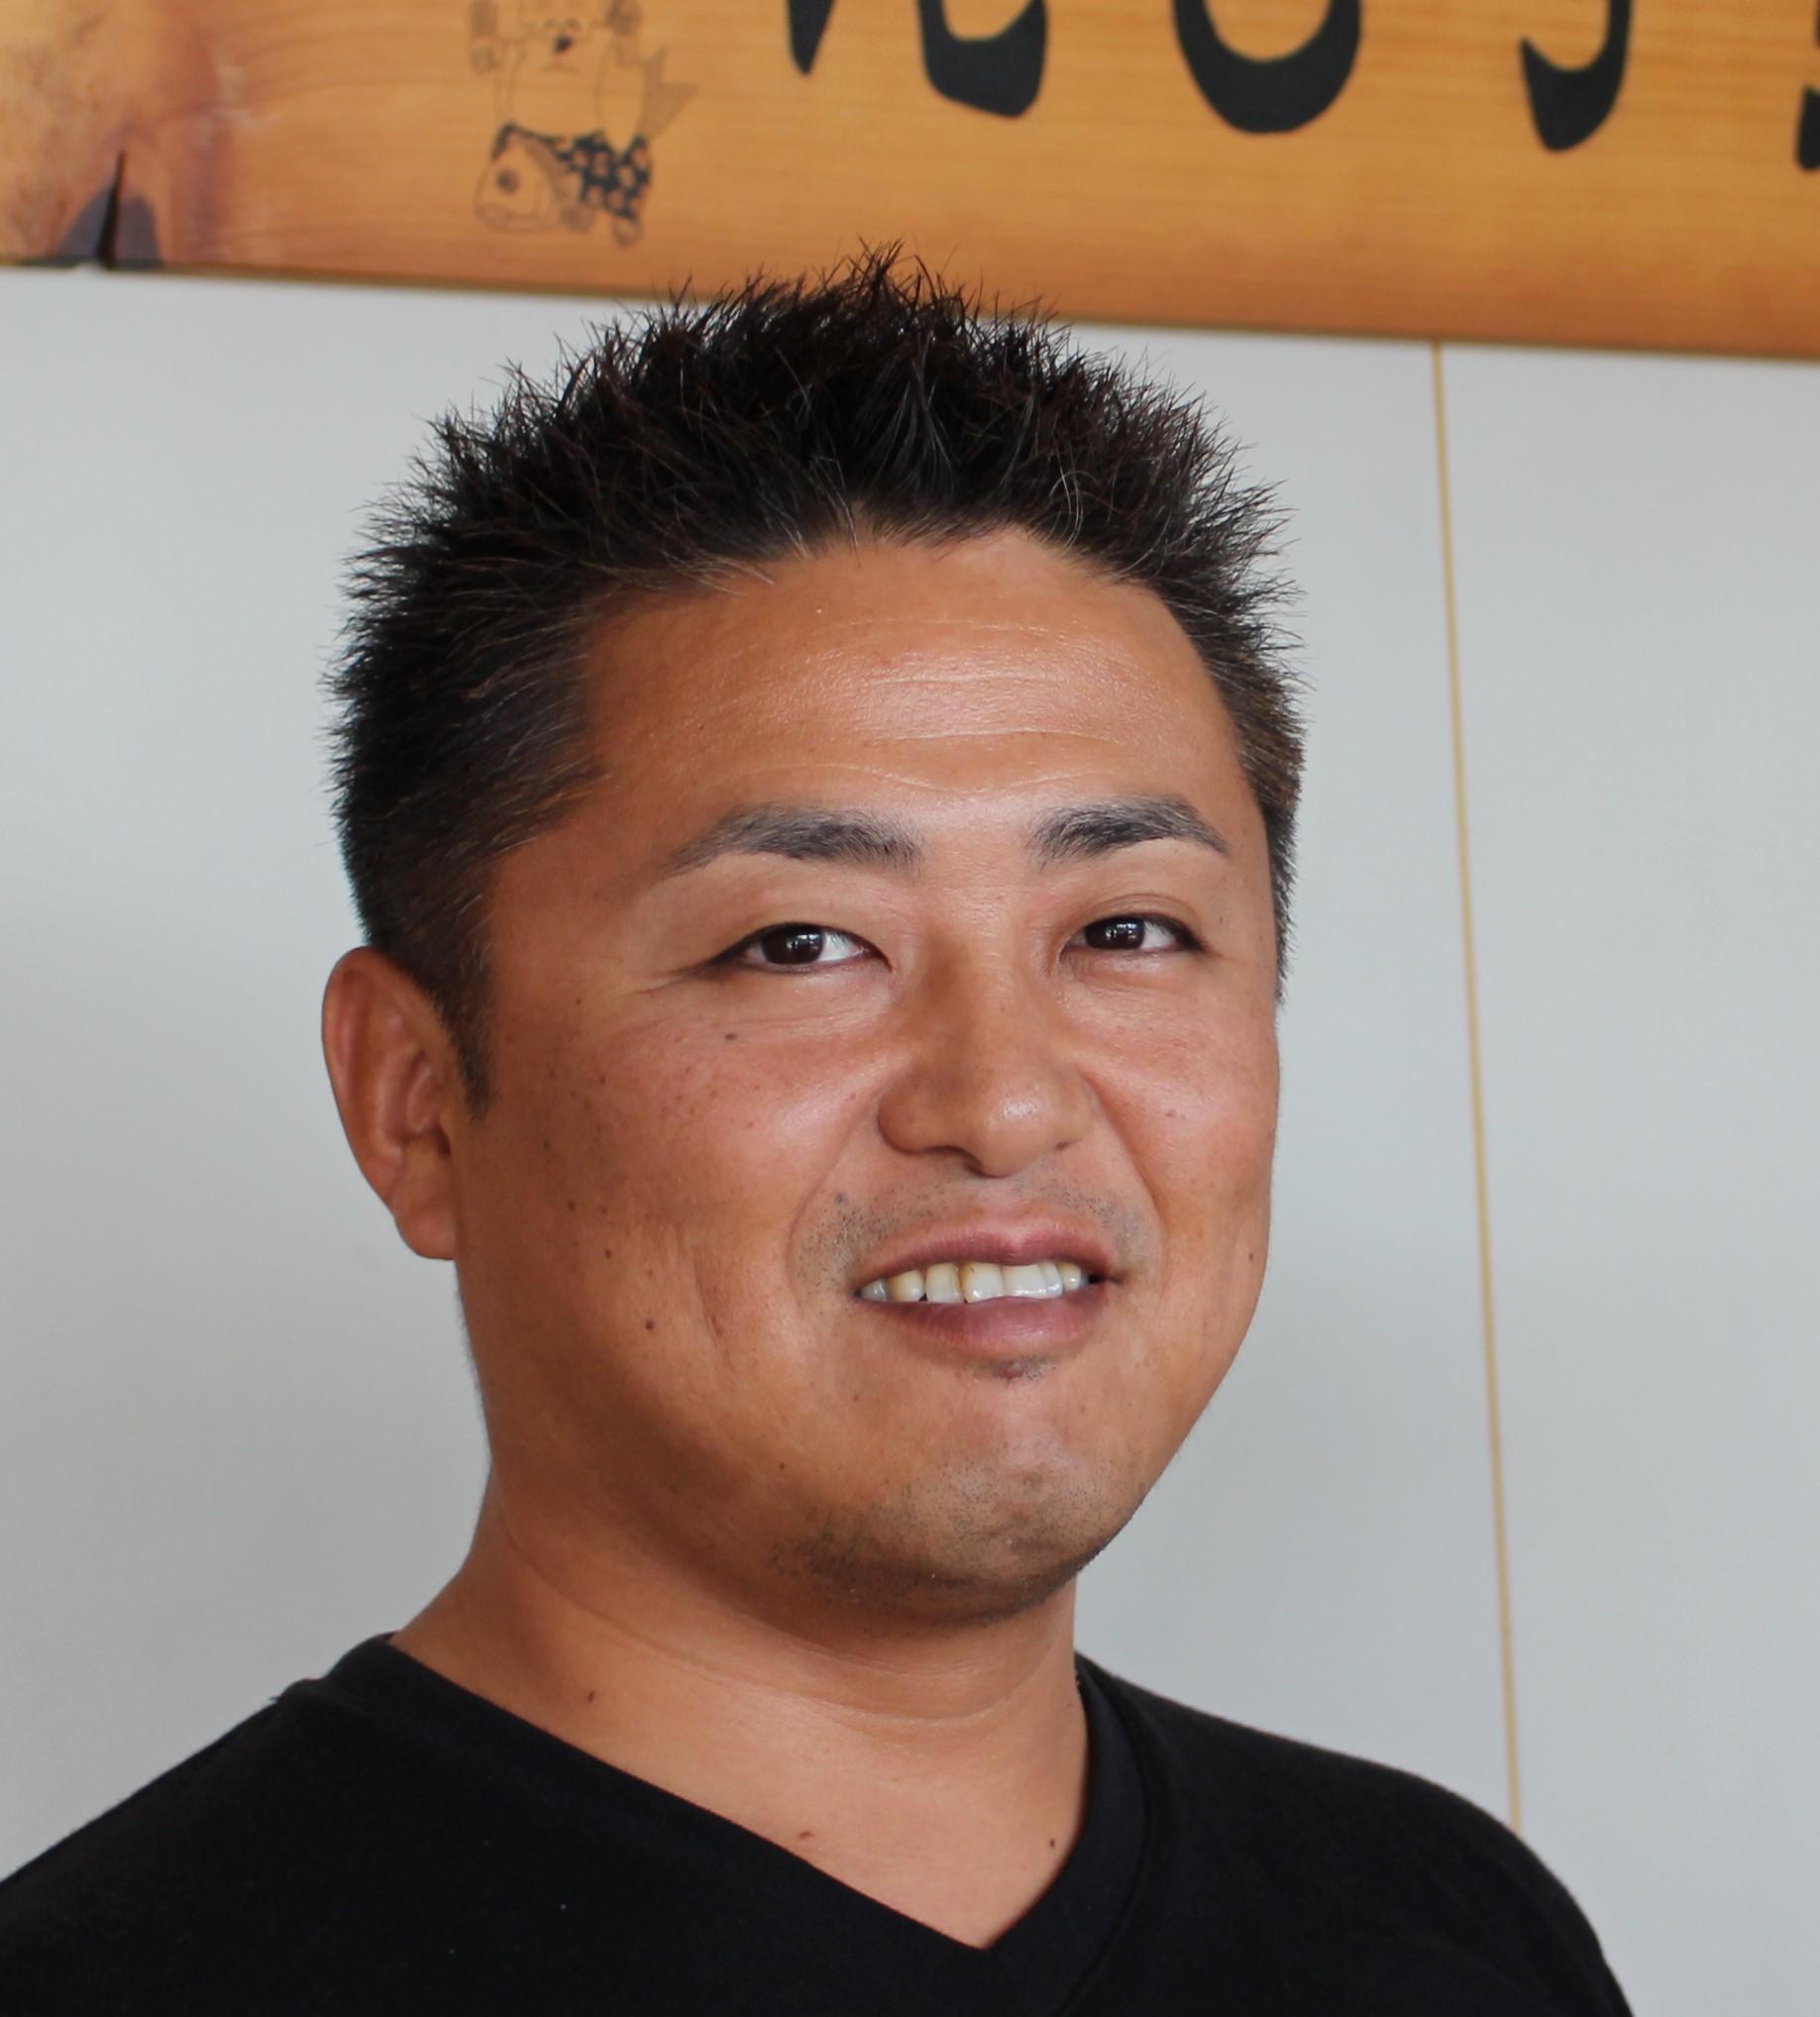 <p>えびす堂オーナー TAKUさん 指圧・マッサージ師・鍼灸師 Takuさんからのメッセージ 「健康の為に身体が疲れきる前にこまめにマッサージをしましょう。」</p>